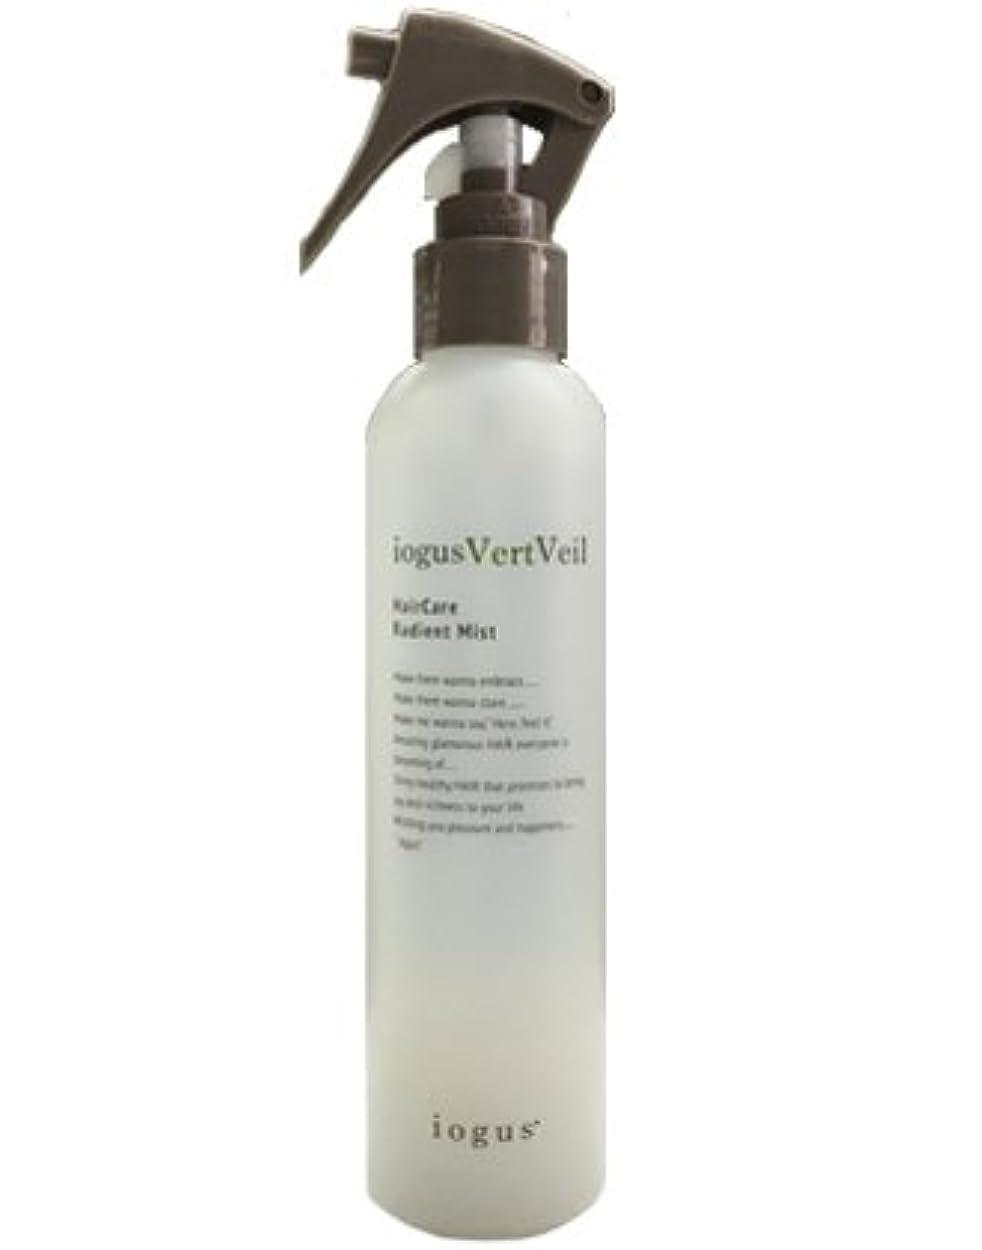 香りコウモリ安全イオグスヴェールヴェールミスト 200ml 美容室で大人気!芯のある髪にする導入型CMCミストが圧倒的な浸透力を実現!髪の内部までしっかり浸透し、ダメージホールを減少させ、艶やかでまとまりのある髪にします